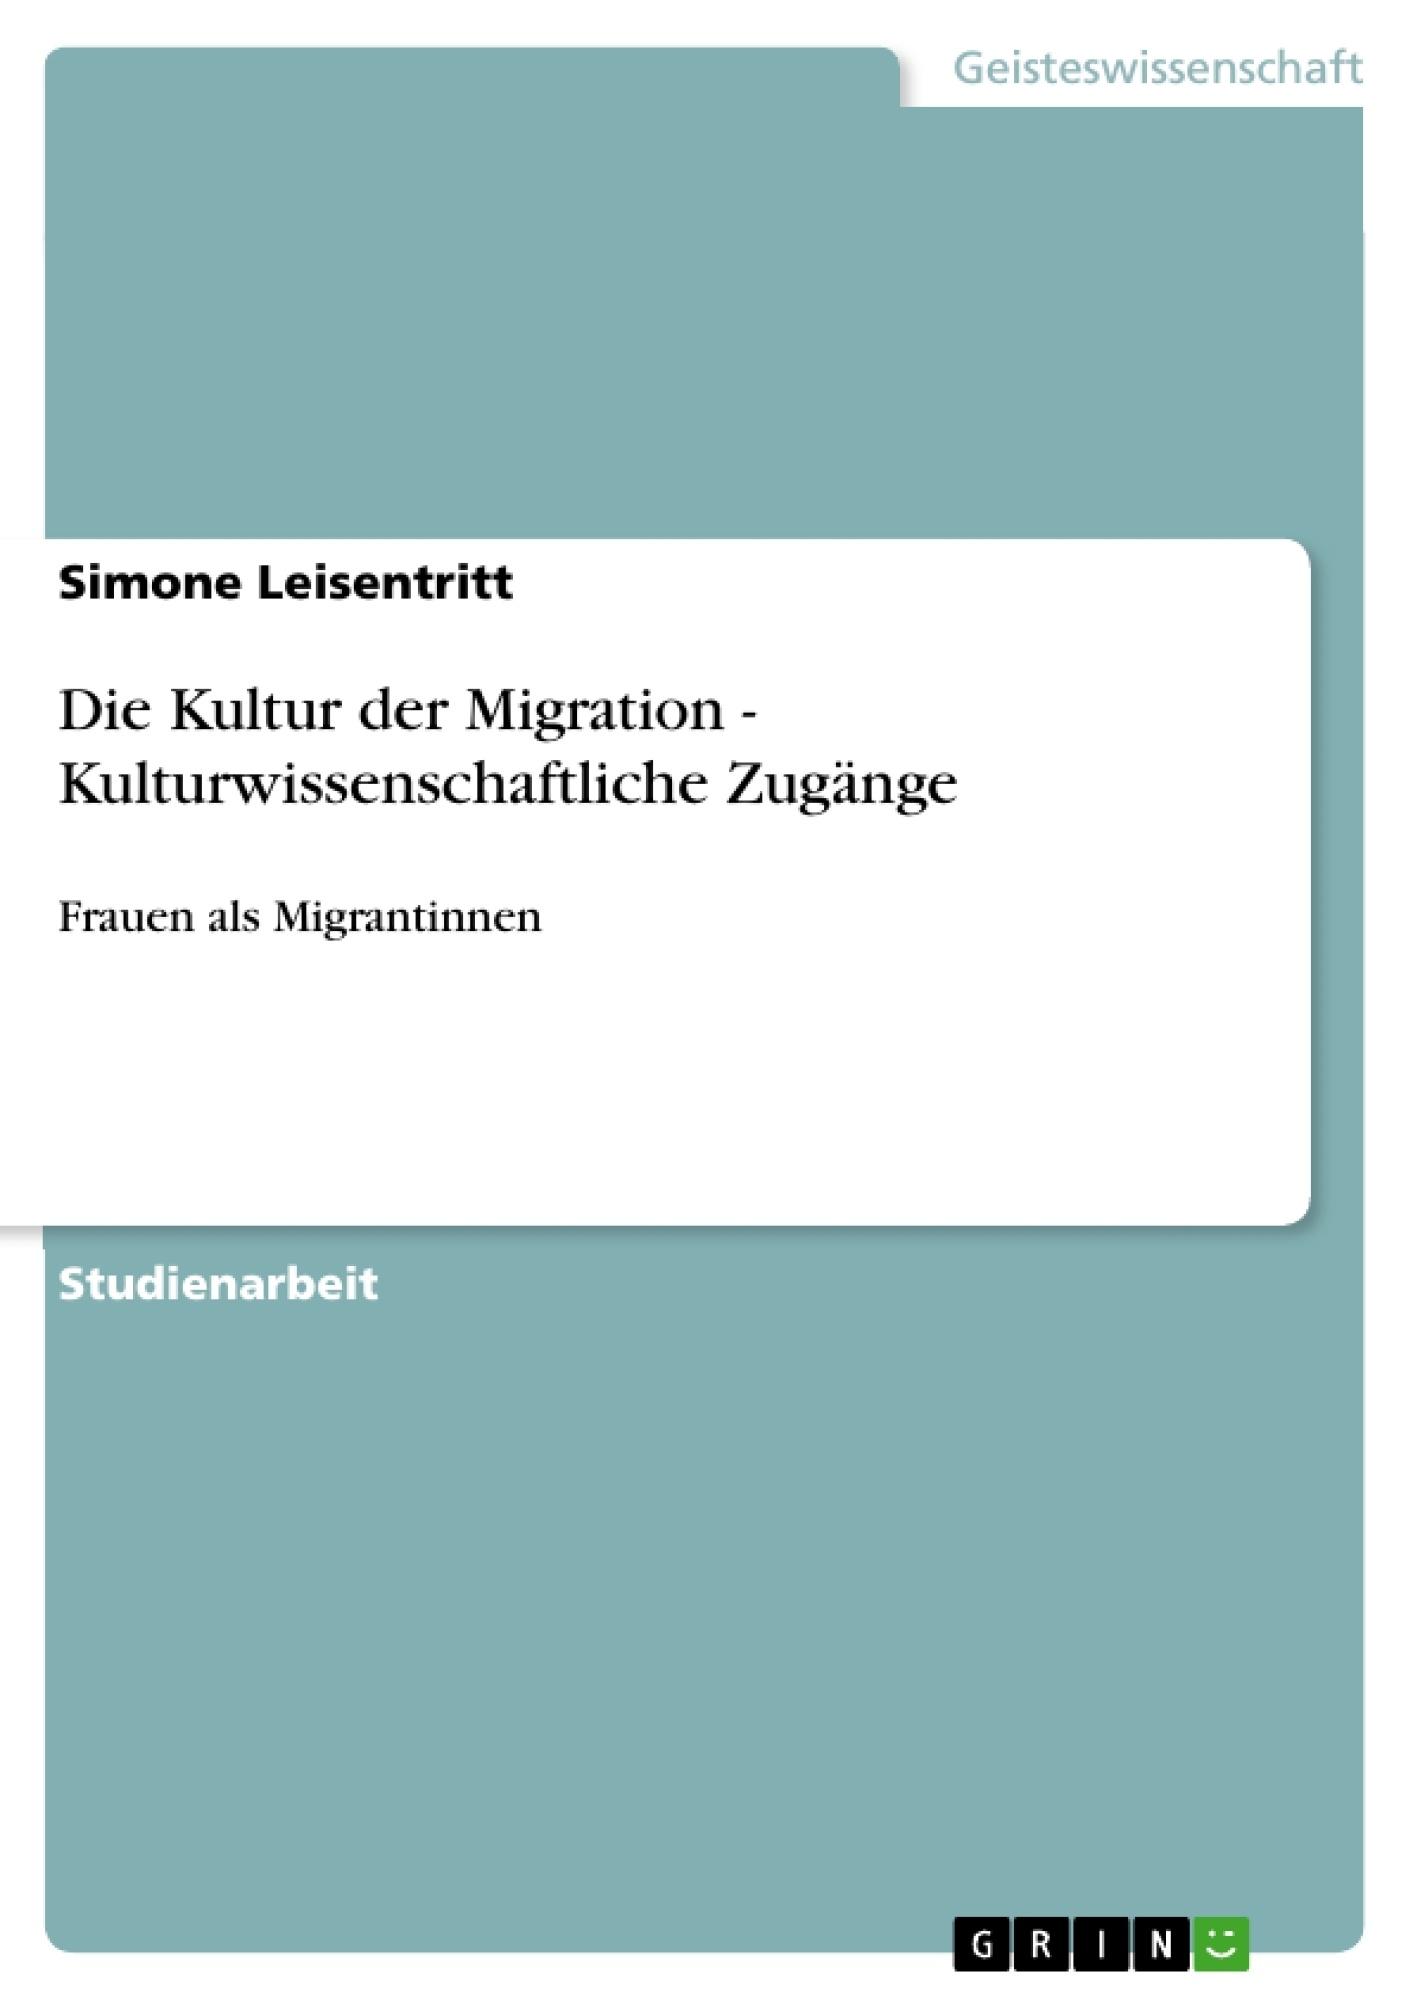 Titel: Die Kultur der Migration - Kulturwissenschaftliche Zugänge